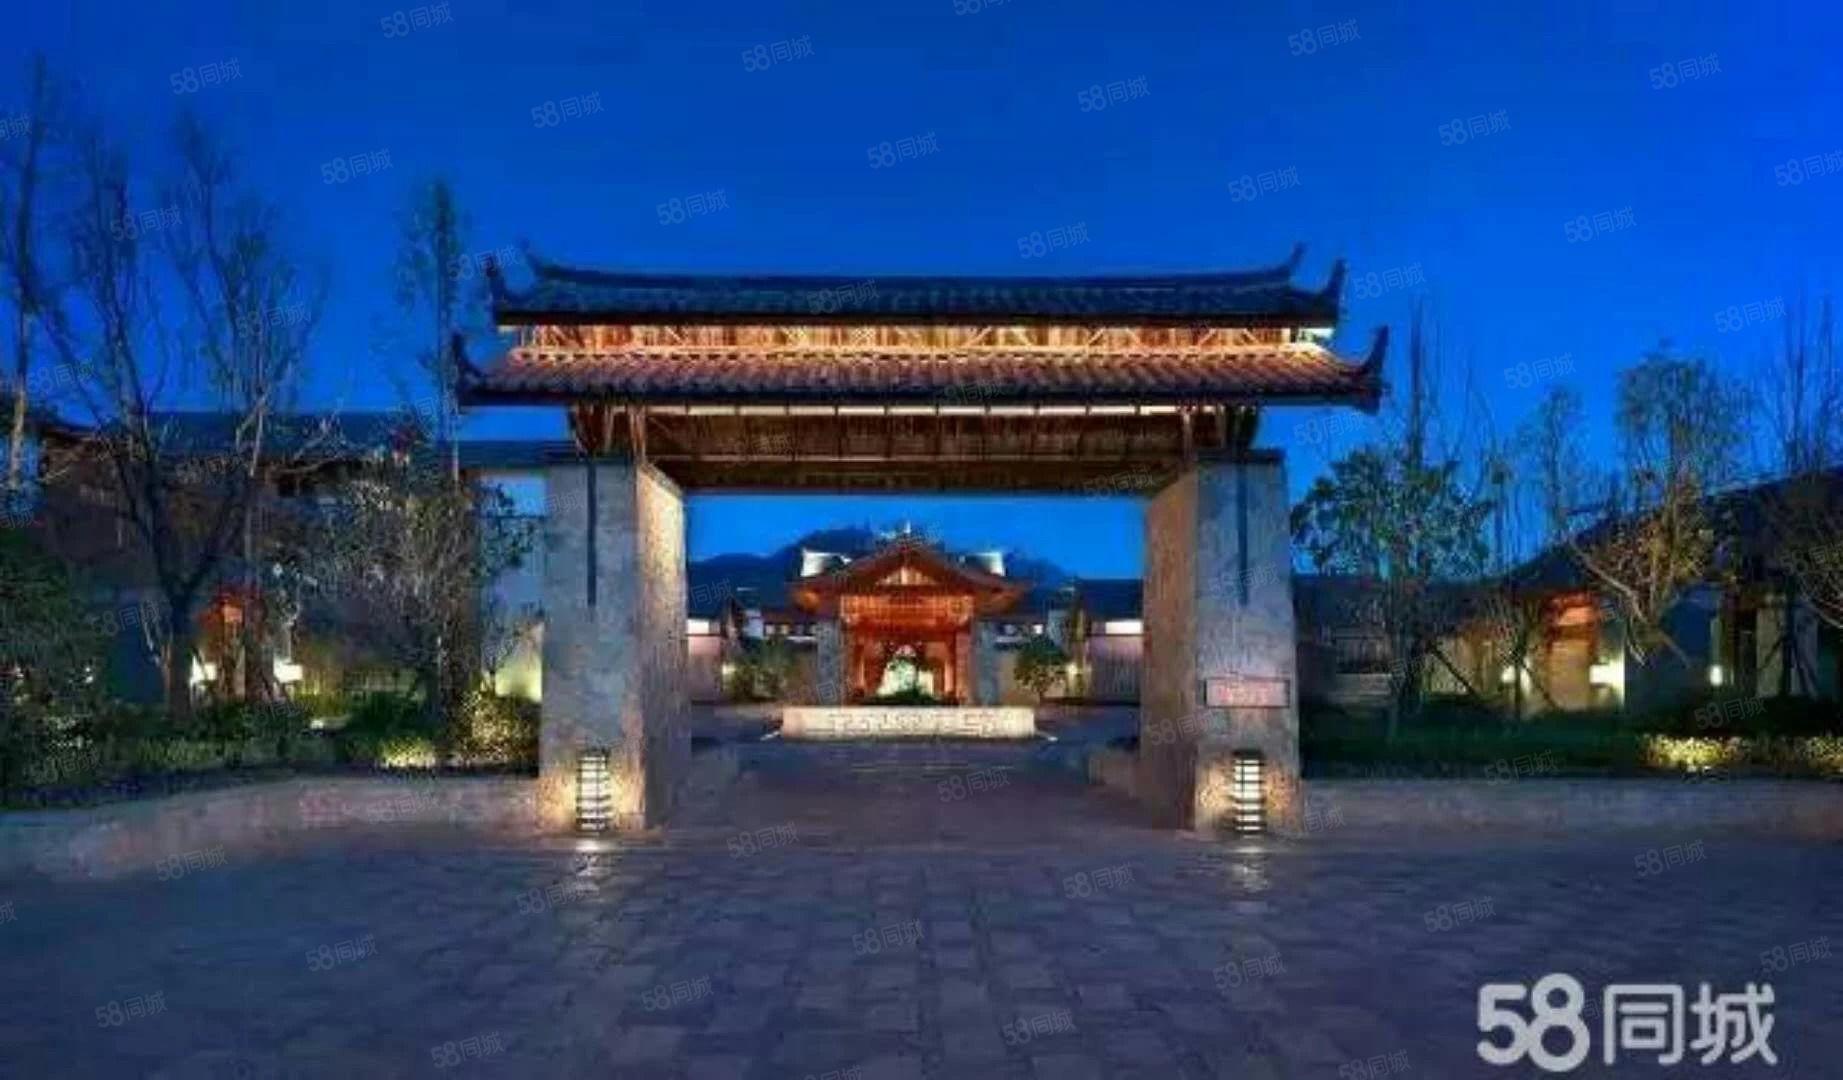 金茂谷镇园林独栋别墅让您感受东巴异域风情